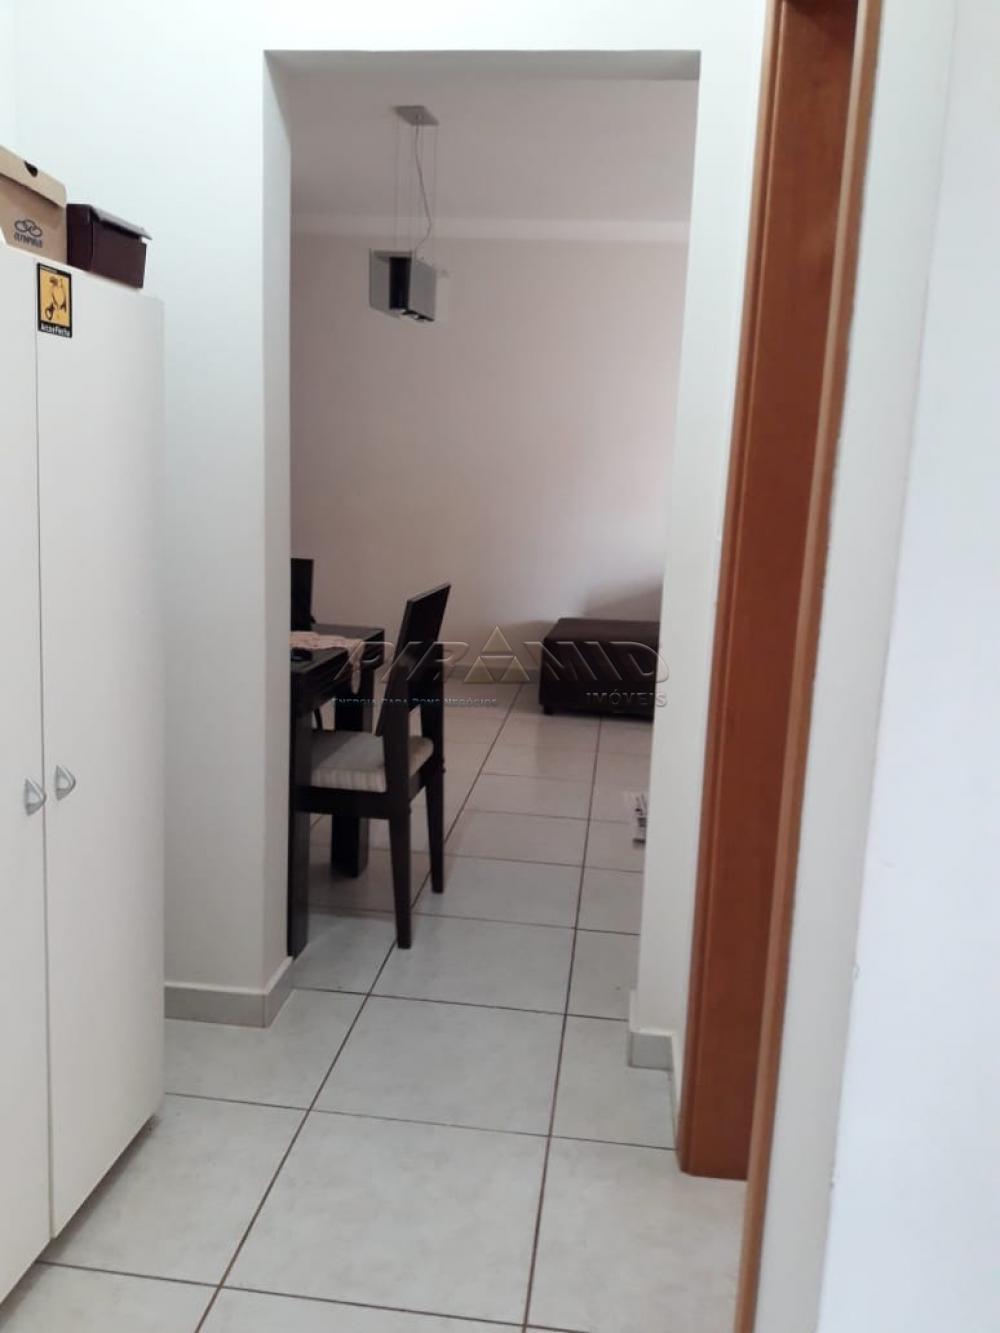 Comprar Apartamento / Padrão em Ribeirão Preto apenas R$ 360.000,00 - Foto 5